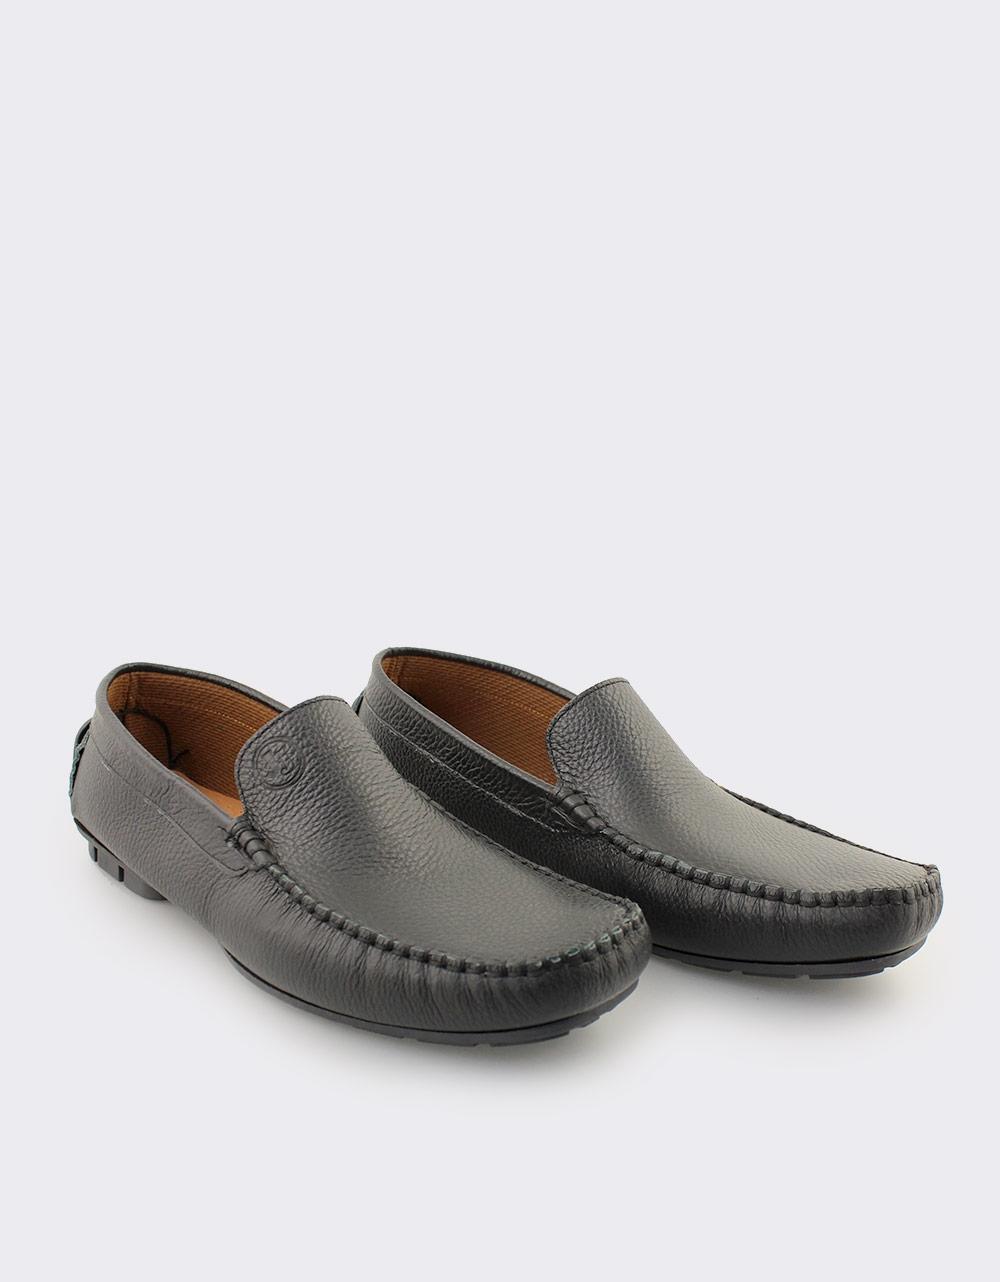 Εικόνα από Ανδρικά δερμάτινα loafers Μαύρο